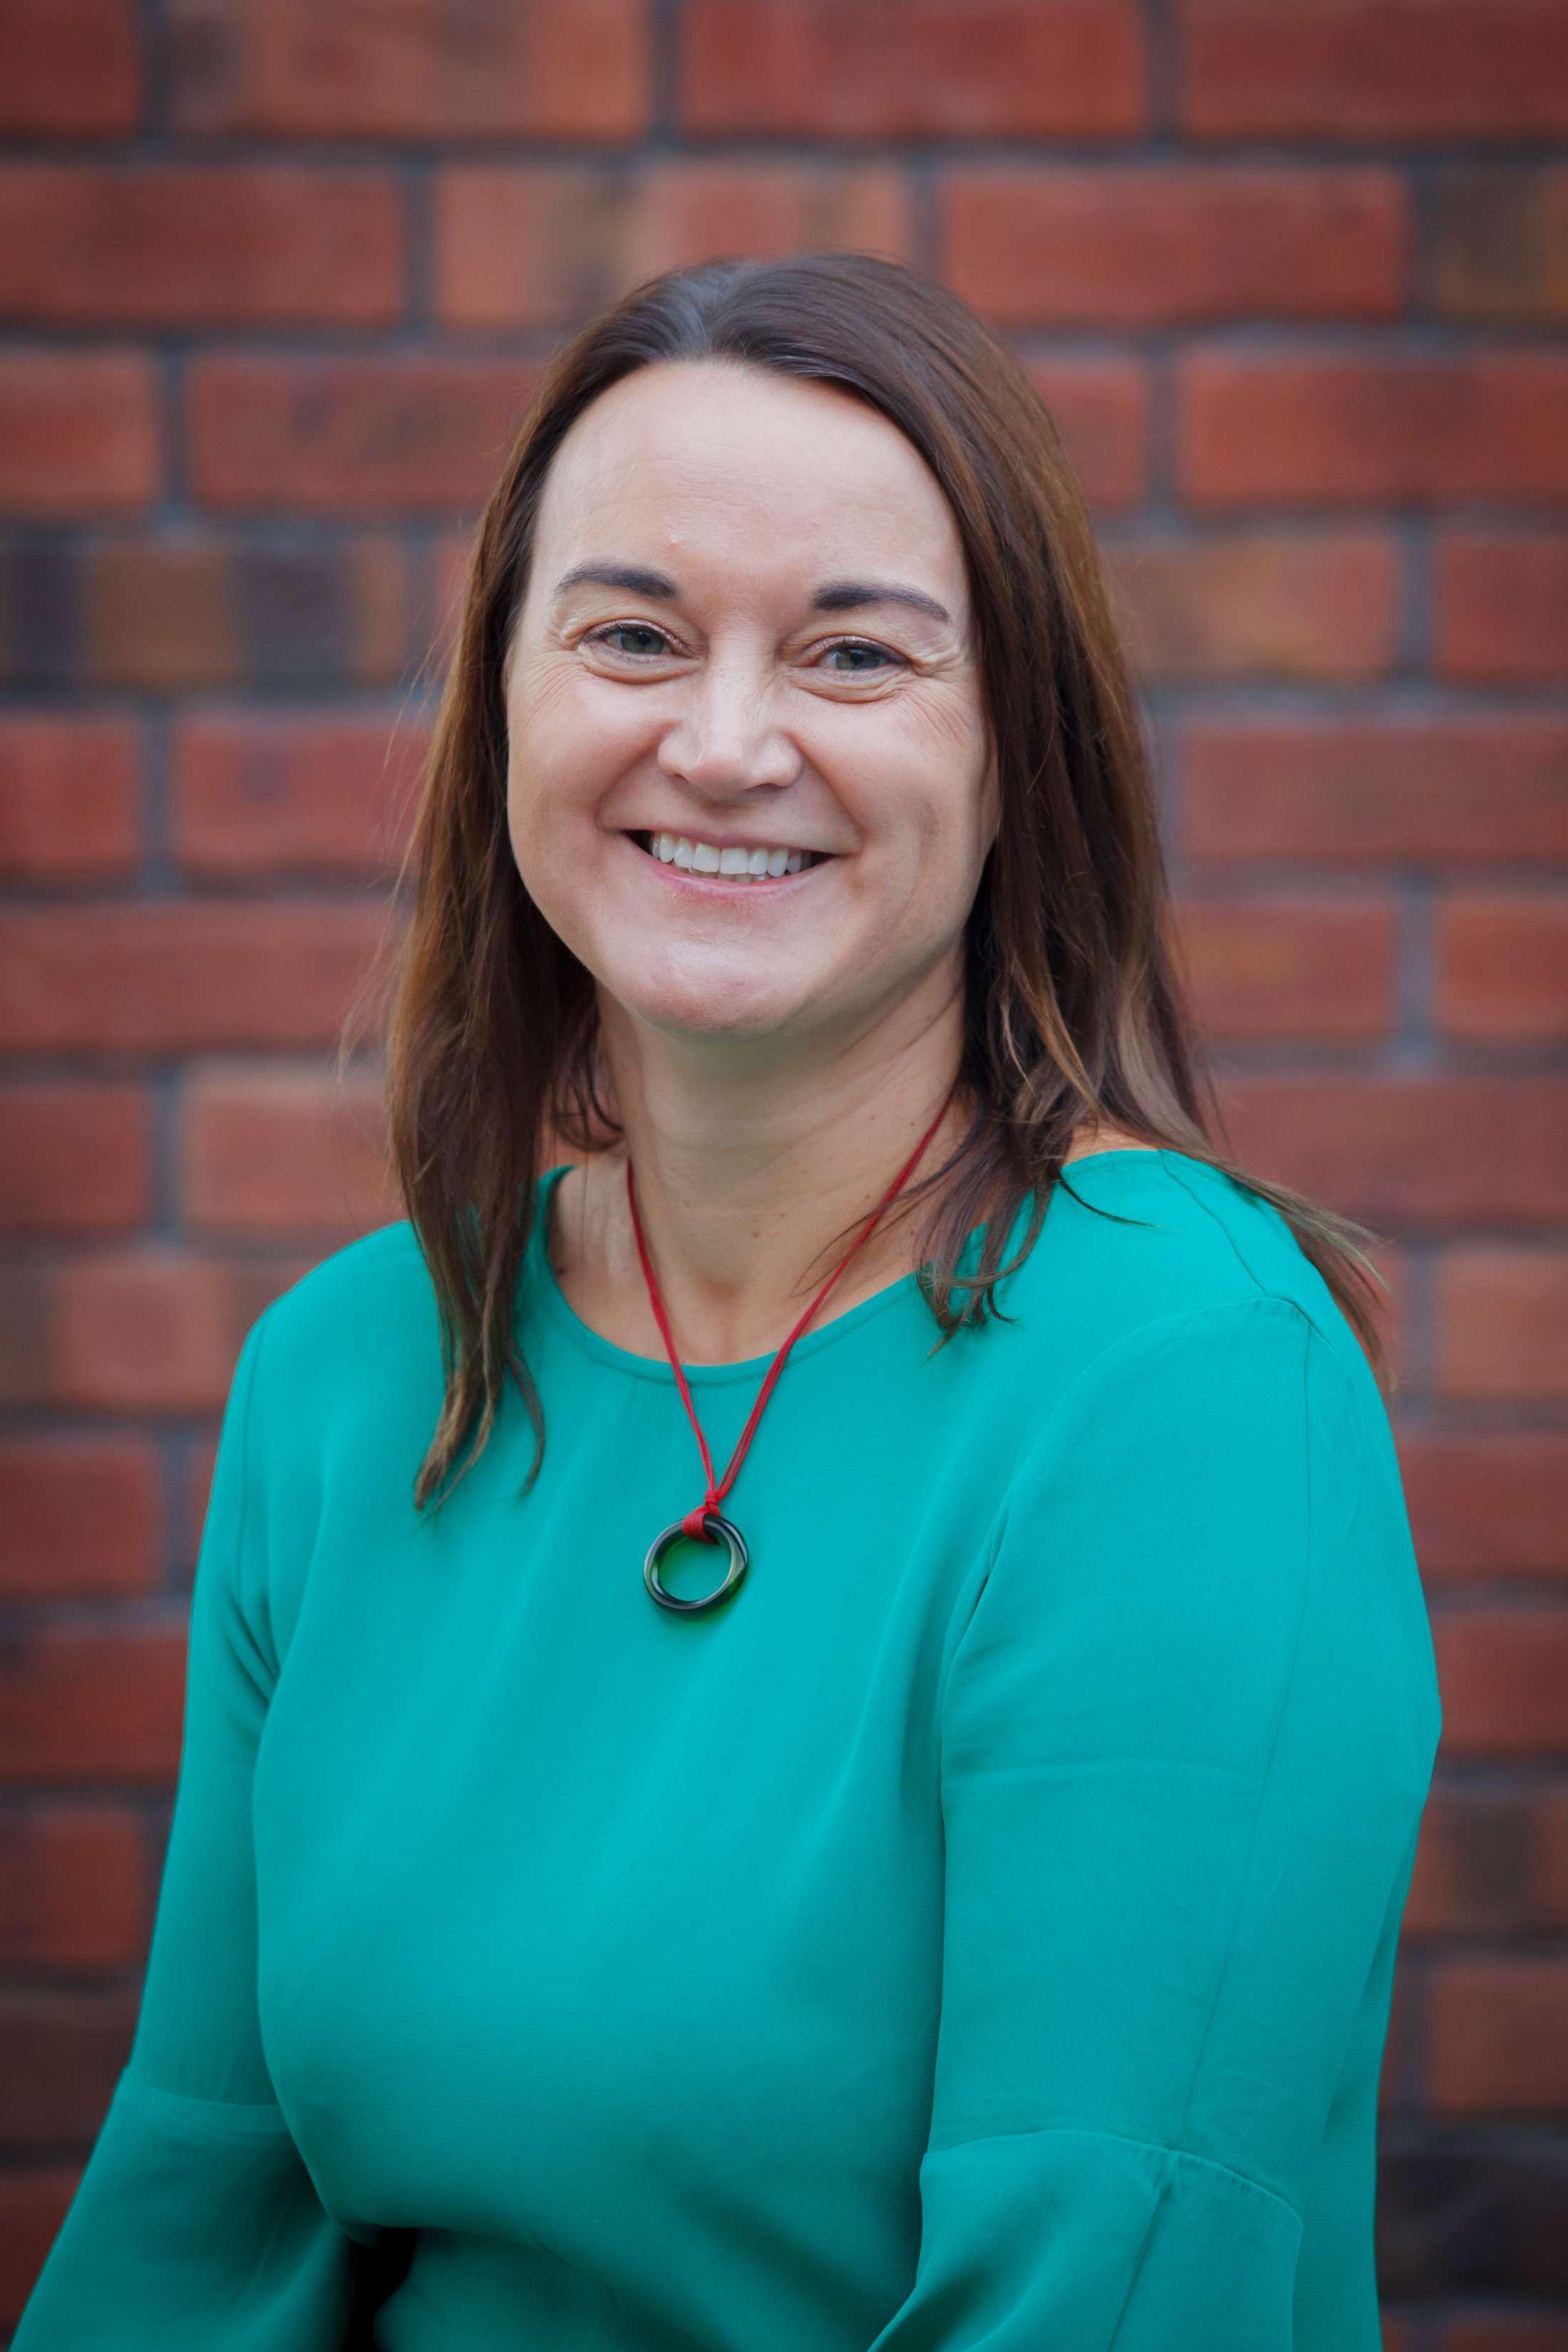 Pauline Uden